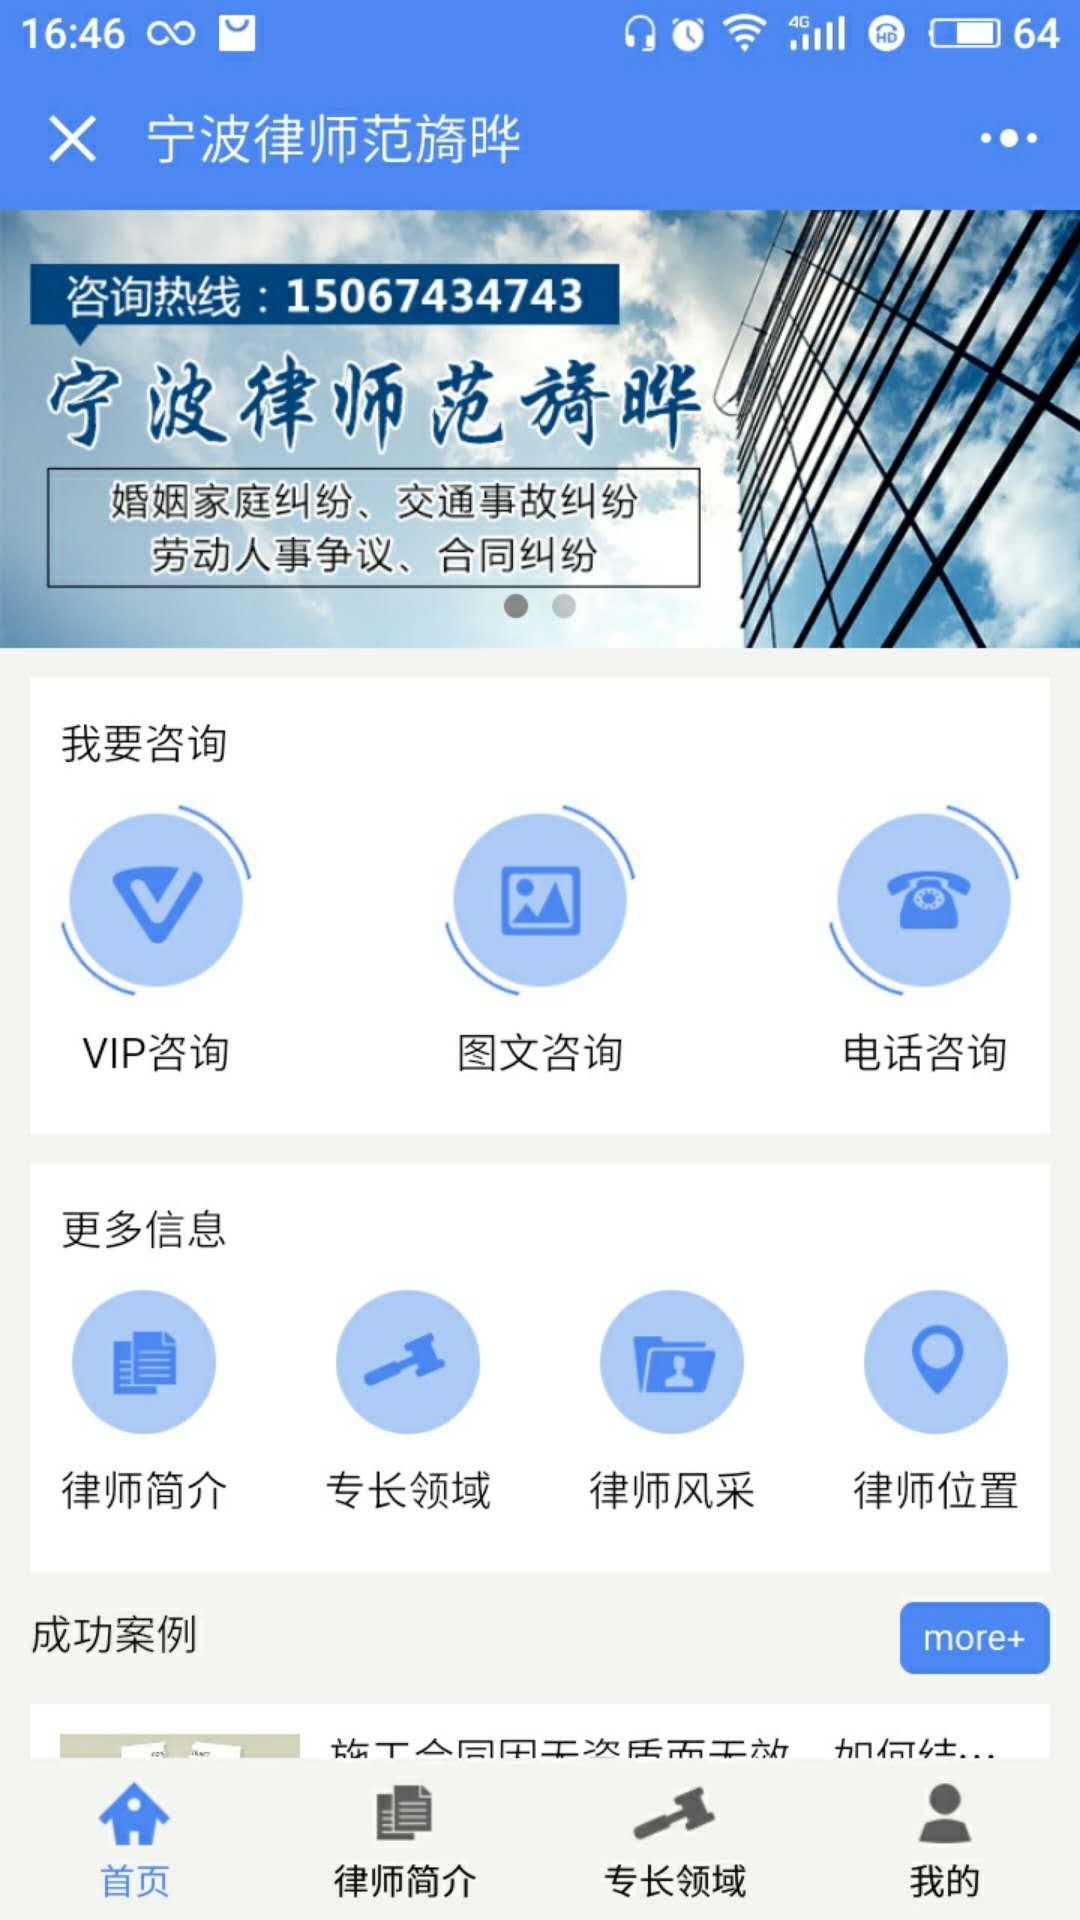 宁波律师范旖晔小程序